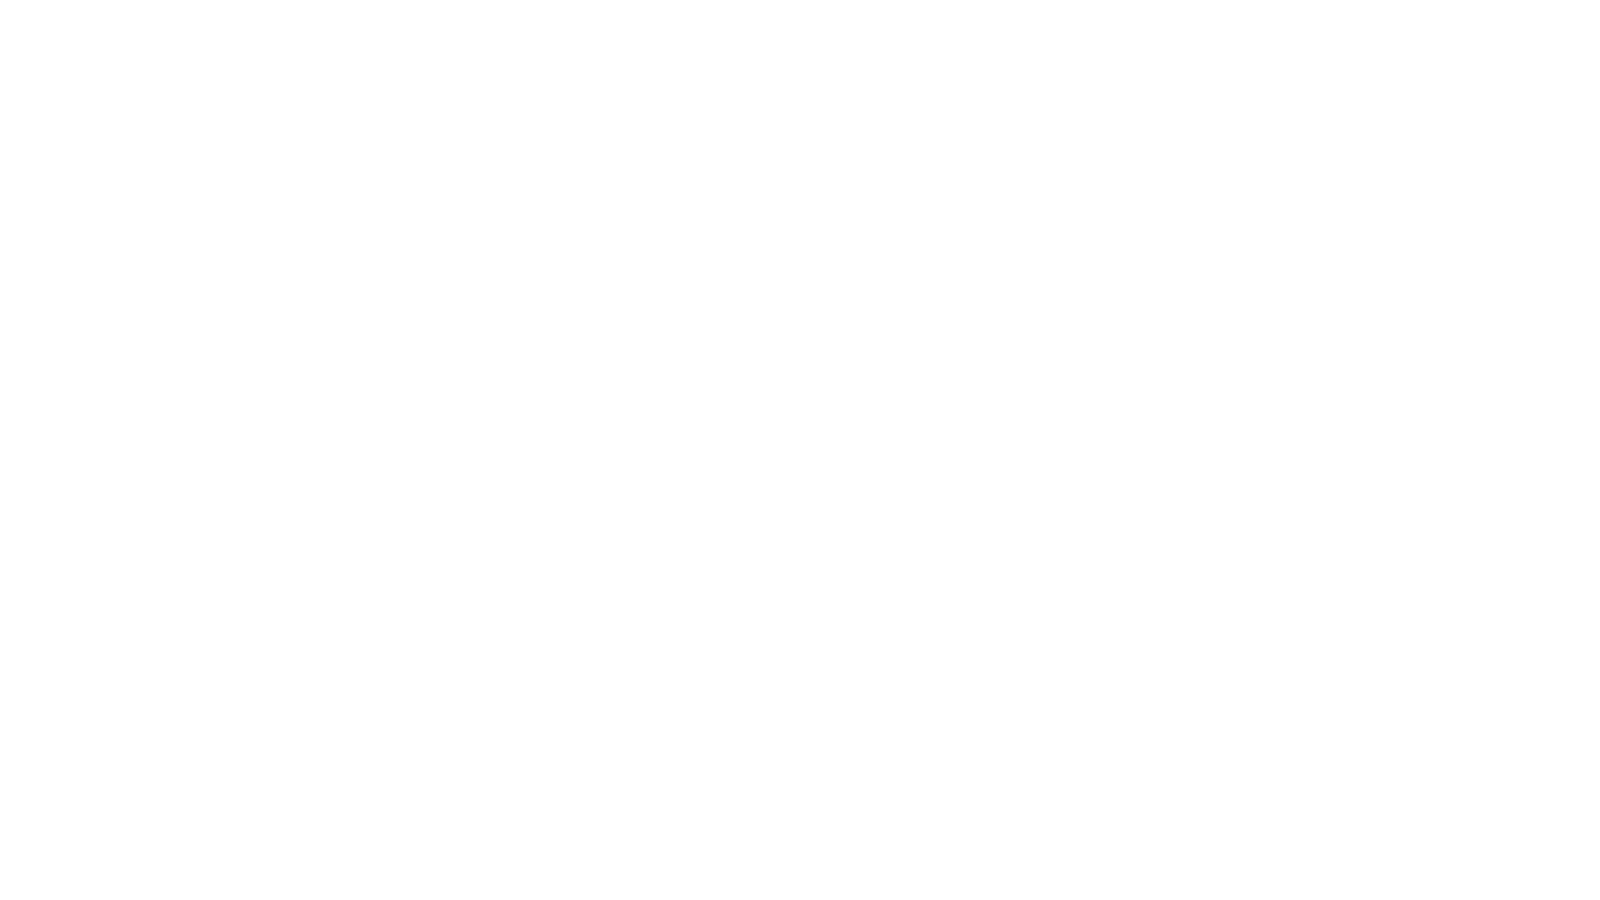 """Direktsänt webbinarium med färsk statistik med omsättning, försäljningstillväxt och försäljningsindex för detalj- dagligvaru- och sällanköpsvaruhandeln i Sveriges kommuner och län.<br /><br />Motsvarande statistik finns på Handelsfakta.se.<br /><br />Sändningen Från 2 september 2021.<br /><br />2020 karaktäriserades av en splittrad utveckling där vissa branscher gick på knäna medan andra upplevde en stark tillströmning av kunder. Det var tillväxtrekord i e-handeln samtidigt som många butiker gapade tomma efter restriktioner och råd som gjorde att svenskarna undvek de fysiska butikerna.<br /><br />På uppdrag av Handelsrådet genomför HUI Research årligen en studie av Sveriges regionala detaljhandel. <br />Kartläggningen """"Handeln i Sverige, som pågått sedan 1992, innehåller uppgifter om bland annat omsättning och försäljningsindex för dagligvaru- respektive sällanköpsvaruhandeln på kommun-, län- och riksnivå.<br /><br />Programinnehåll<br /><br />Ylva Åkesson, kommunikatör påHandelsrådet, hälsar välkomna och presenterar Handeln i Sverige och Handelsfakta.<br />Emelie Ekholm, detaljhandelsanalytiker på HUI Research, presenterar resultaten från årets kartläggning av Handeln i Sverige. Hur har stängda landsgränser påverkat handeln i gränshandelskommunerna? Hur ser utvecklingen i storstadsregionerna ut jämfört med småstäderna? Vilka kommuner har klarat sig bäst? Hur ser den totala utvecklingen ut för Sveriges fysiska handel? Detta är några av frågorna som besvaras.<br />Representater från några kommuner berättar i direktsändning om hur de påverkats av pandemin och hur de ser på framtiden.<br />Per Andersson, detaljhandelsanalytiker på HUI Research, analyserar resultatet, identifierar trender och spår om den framtida utvecklingen."""